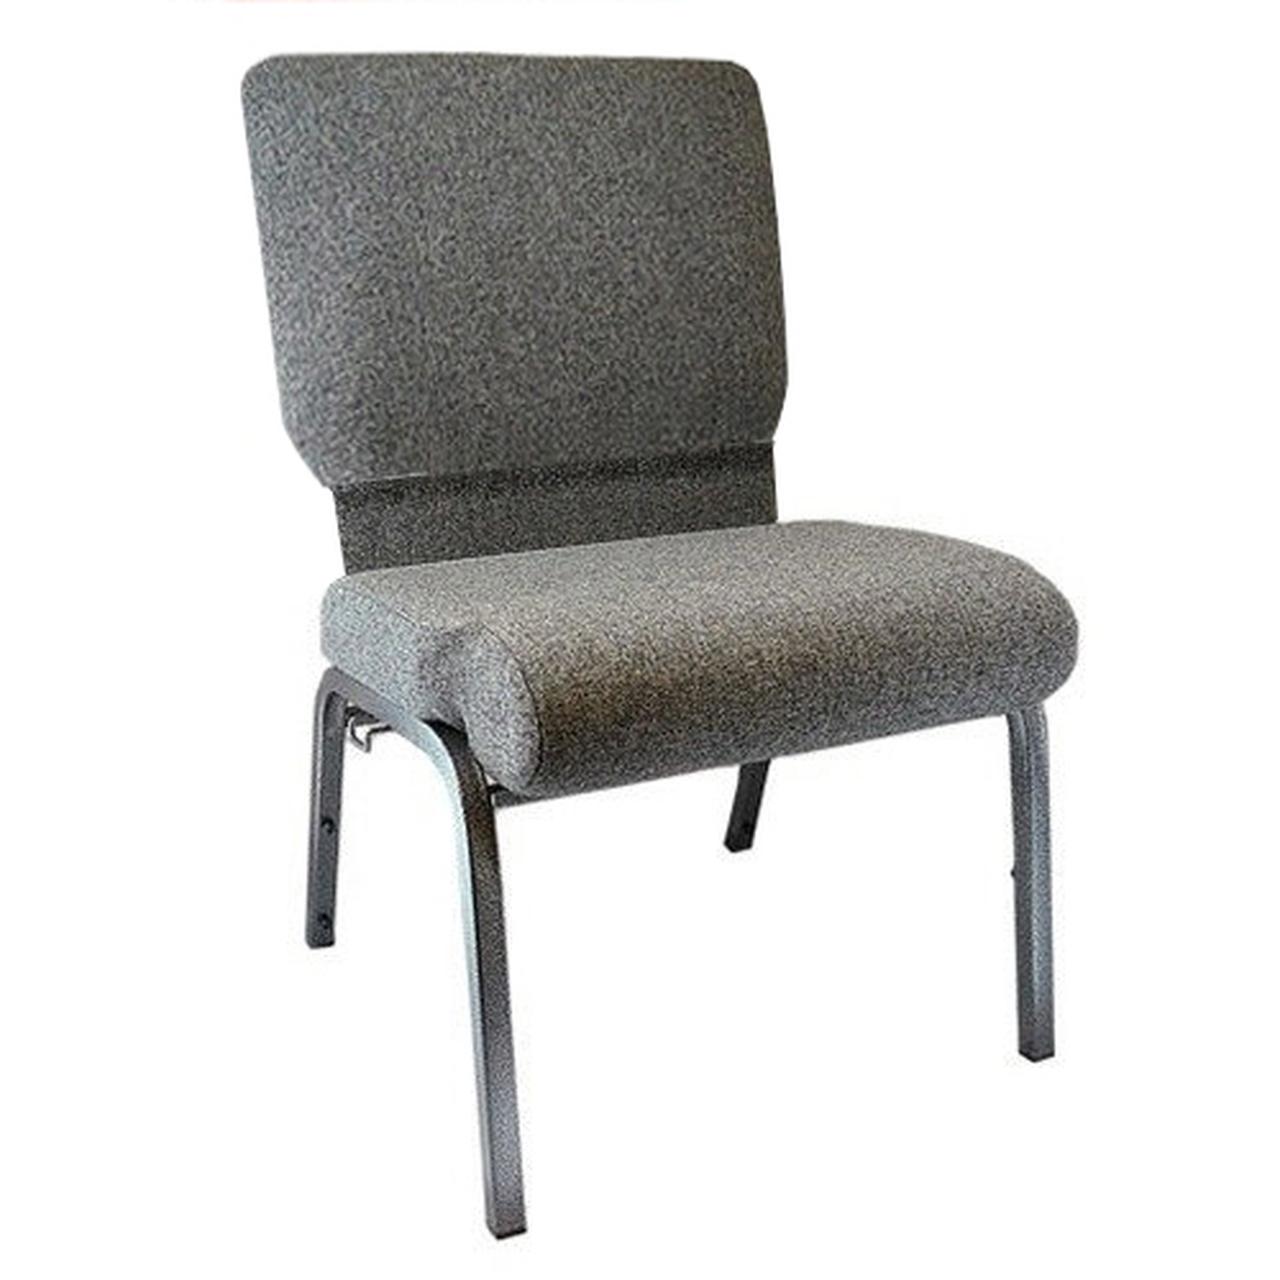 Advantage PCHT-111 Church Chair